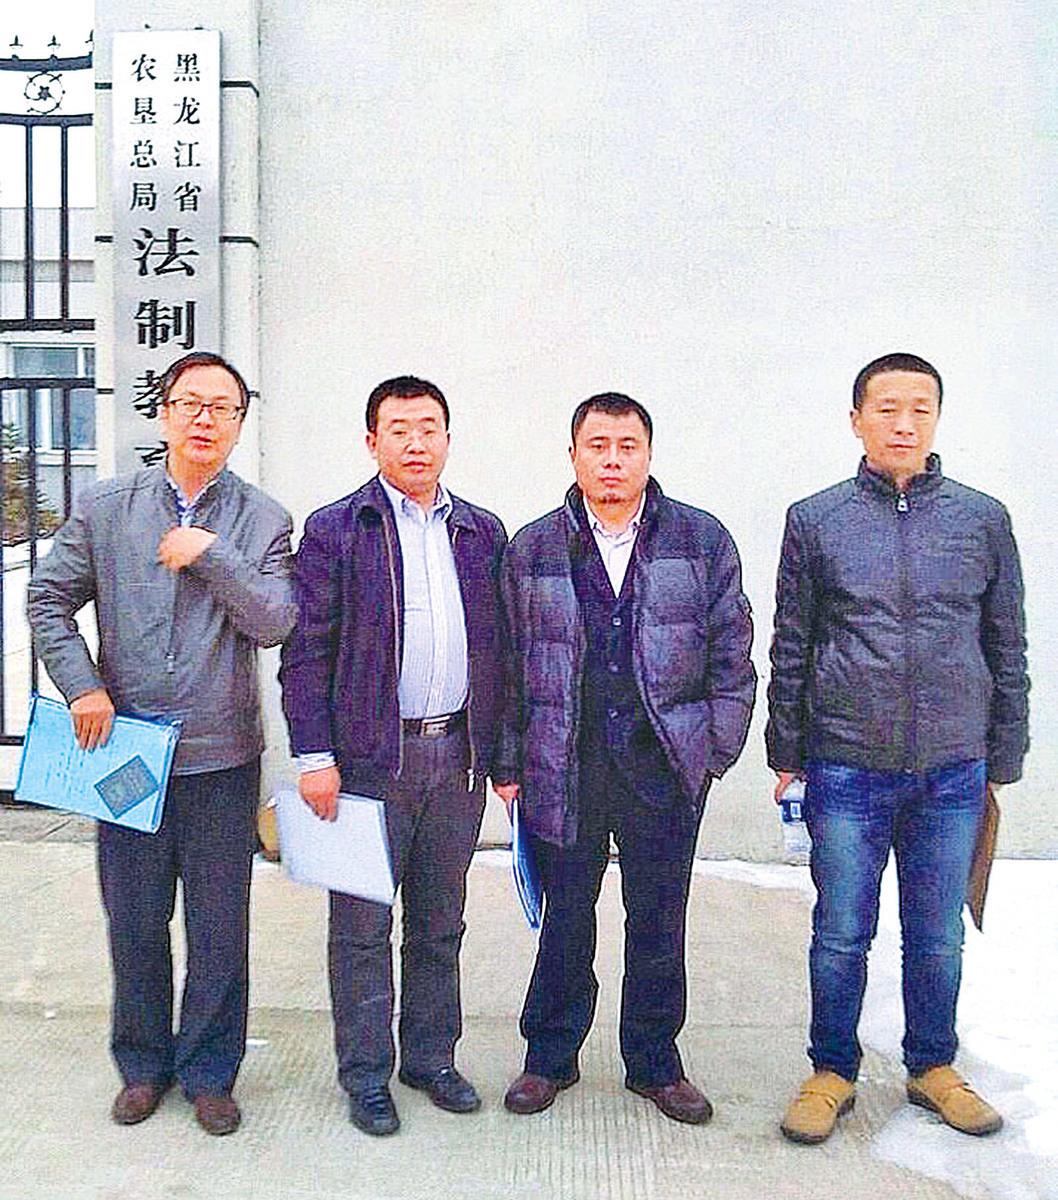 中國維權律師梁小軍、江天勇、王成和唐吉田(從左至右)分別代理了被非法拘禁在黑龍江青龍山洗腦班的法輪功學員的案件,2014年3月20日,他們到洗腦班要求會見,遭拒後被非法綁架,遭受嚴重刑訊逼供。(微博圖片)